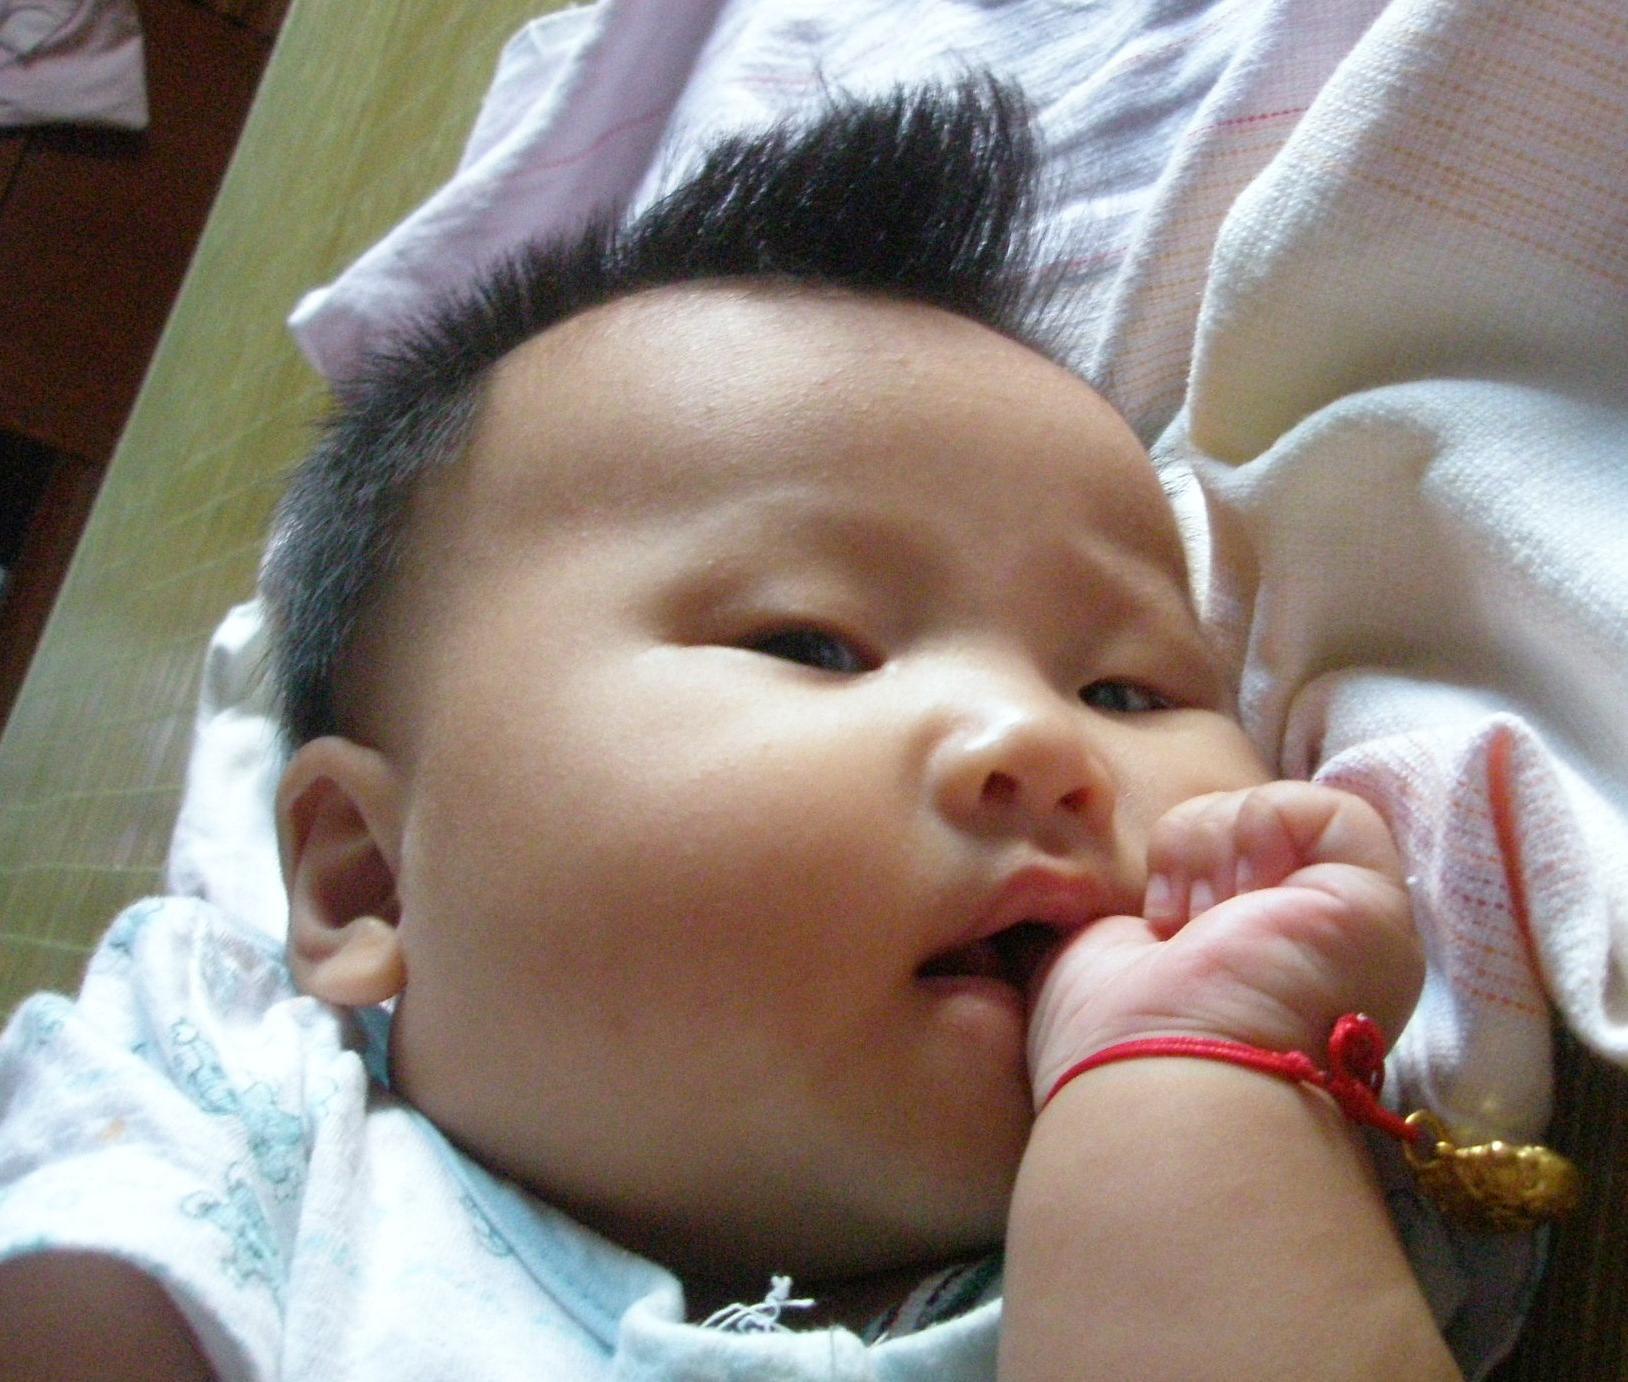 可爱婴儿头像酷